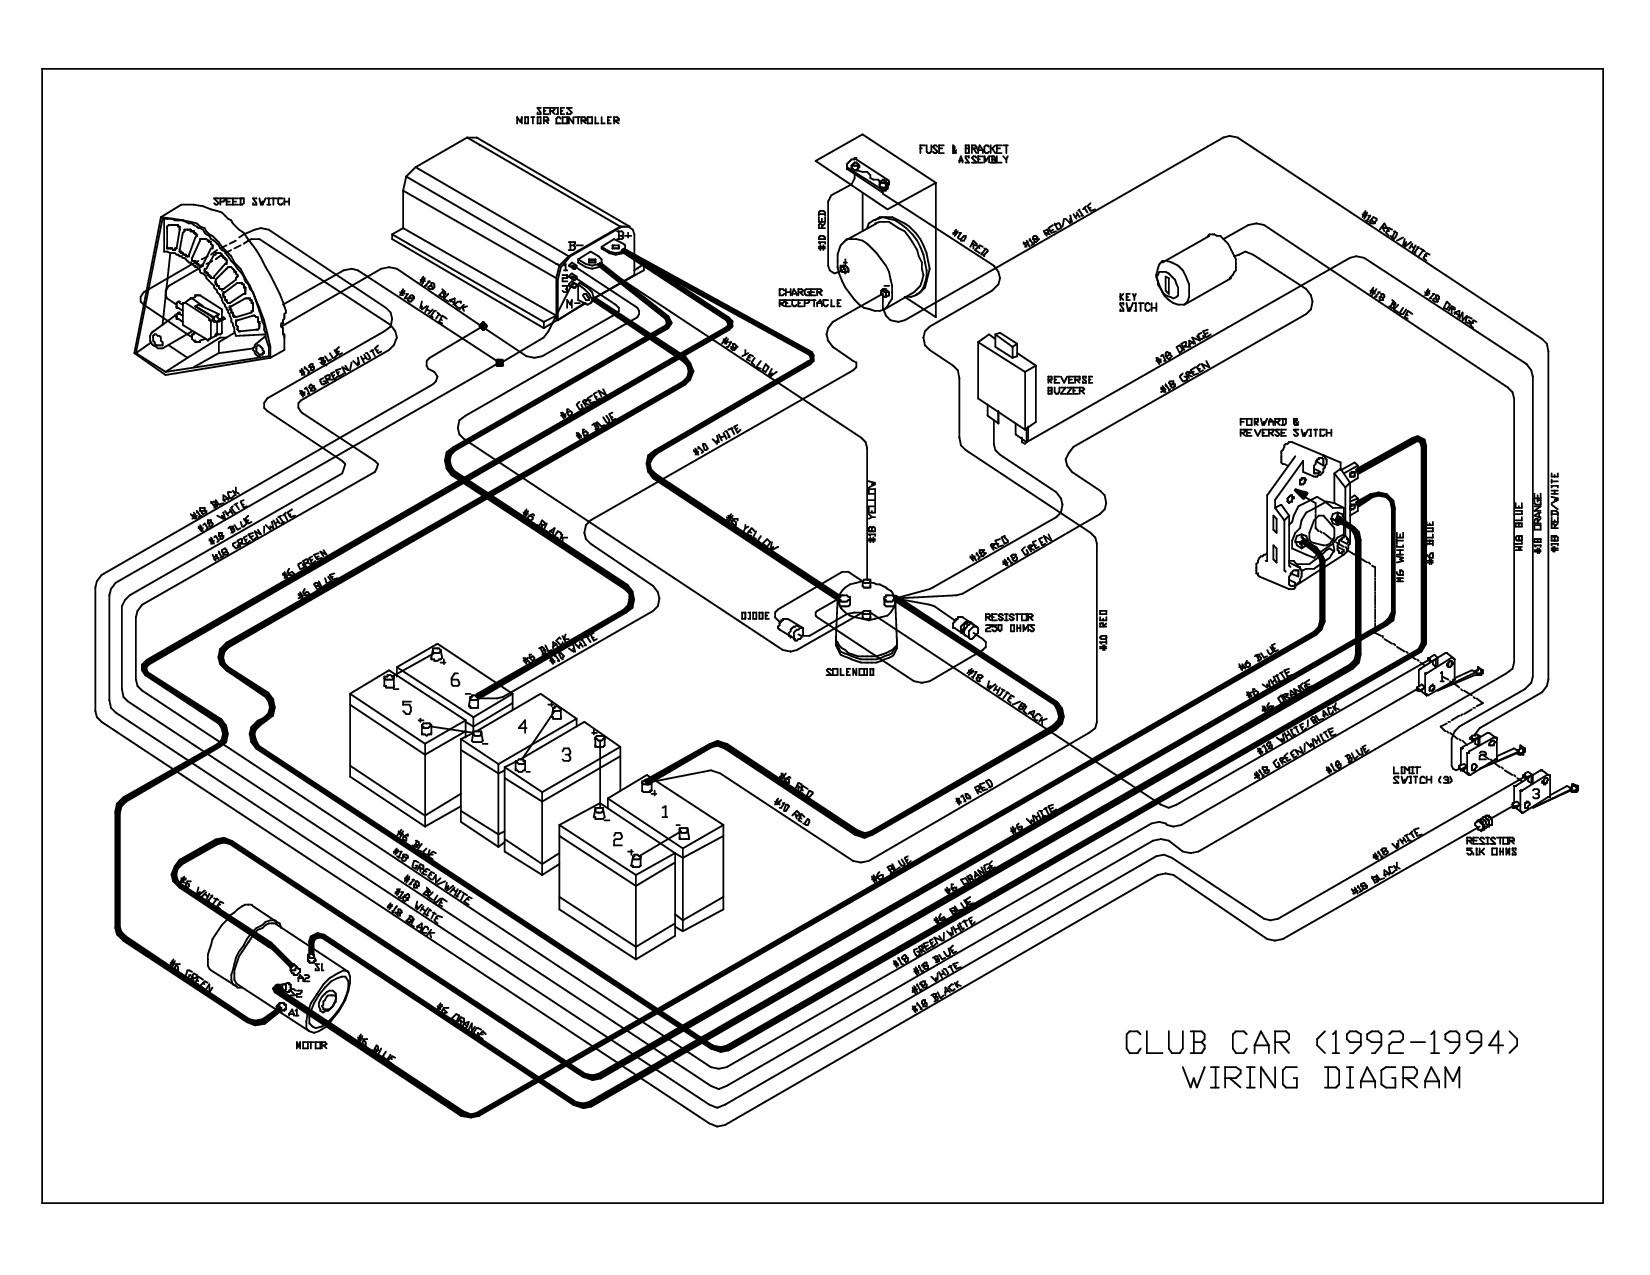 1994 Ezgo Gas Engine Wiring Diagram 1995 Club Car Wiring Diagram Of 1994 Ezgo Gas Engine Wiring Diagram